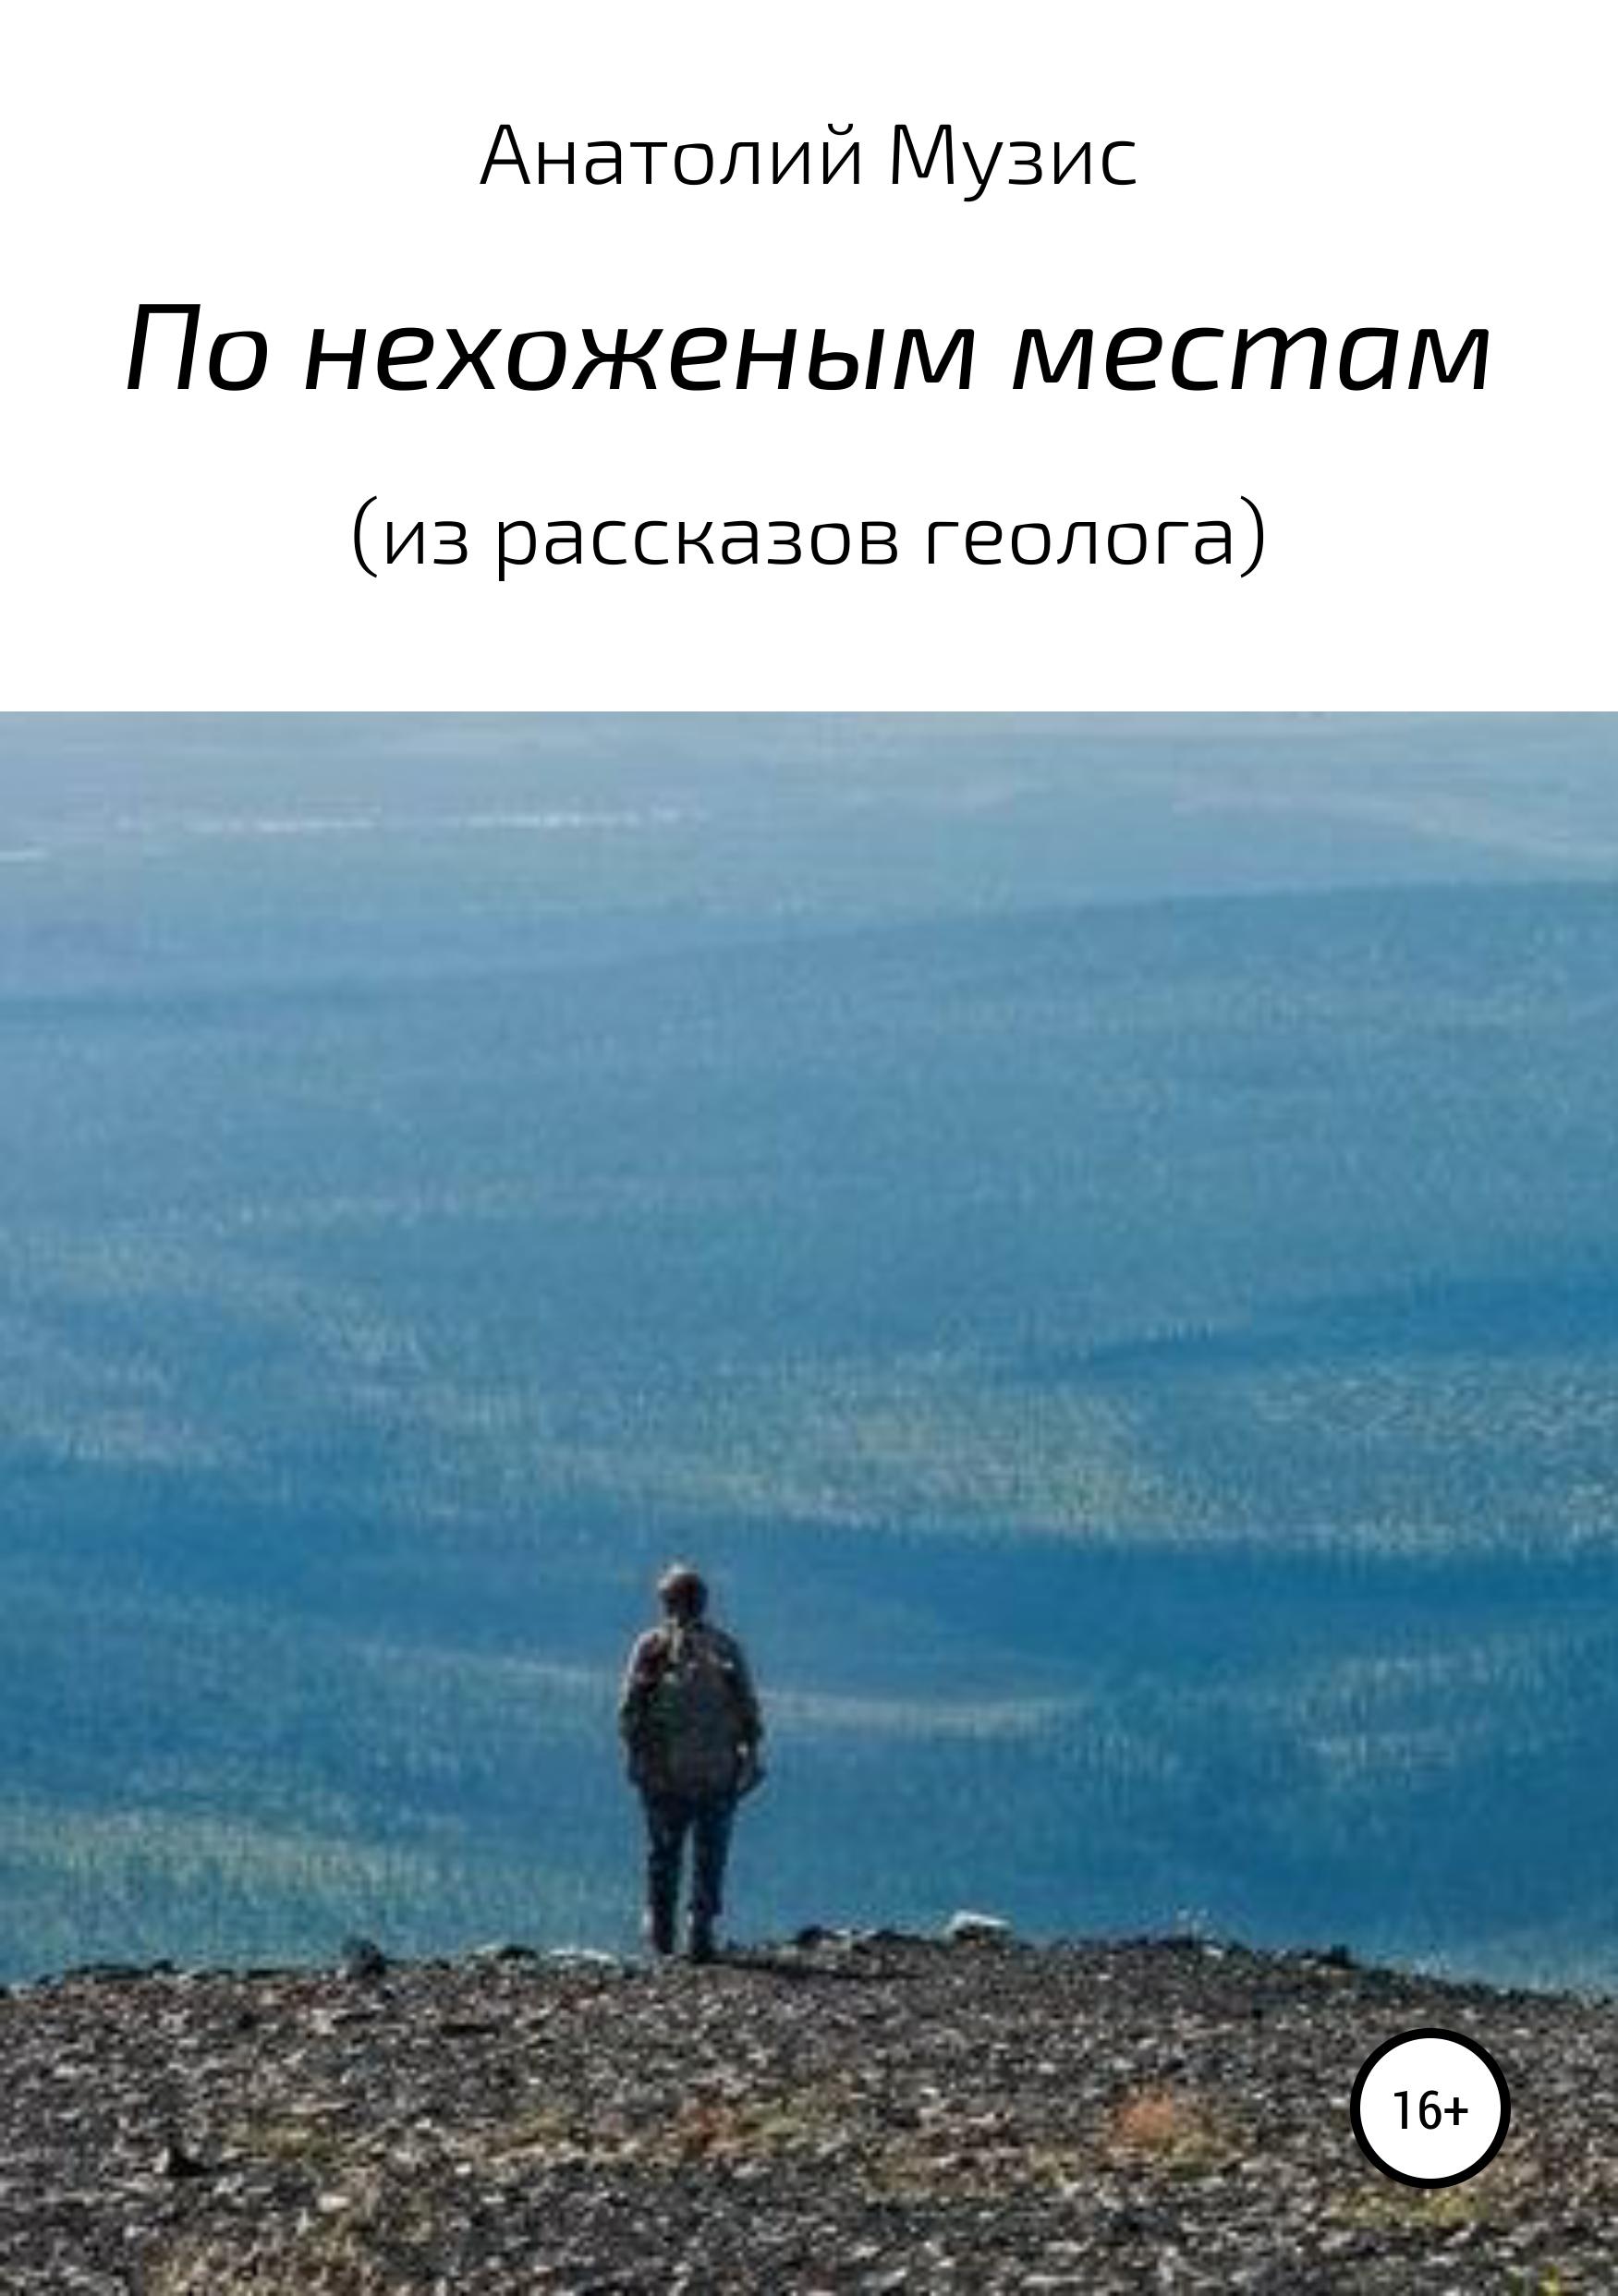 Купить книгу По нехоженым местам (из рассказов геолога), автора Анатолия Музиса